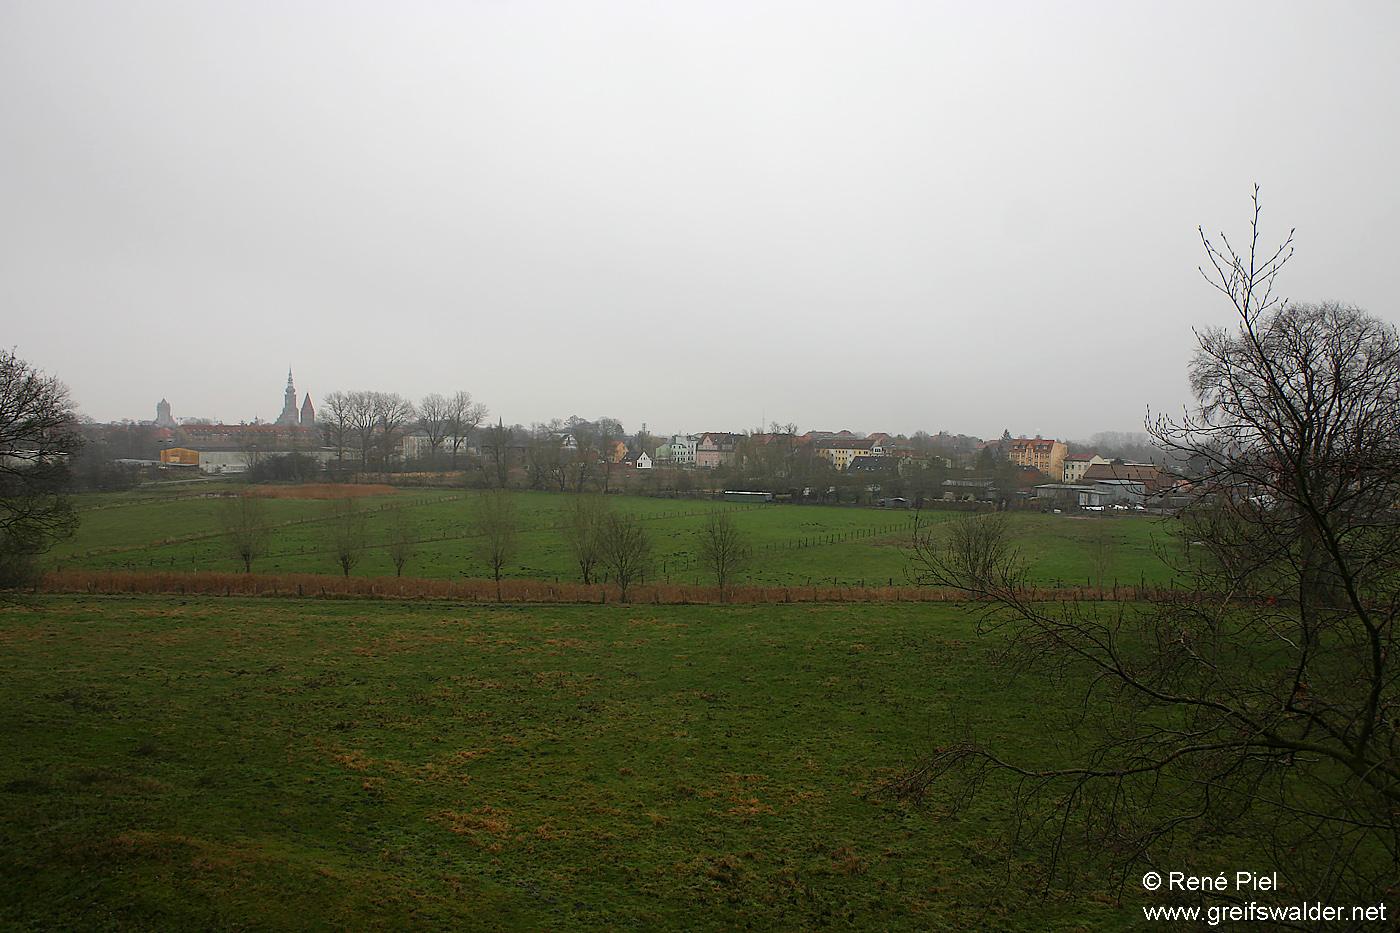 """Besichtigung """"Caspar-David-Friedrich-Blick"""" in Greifswald"""